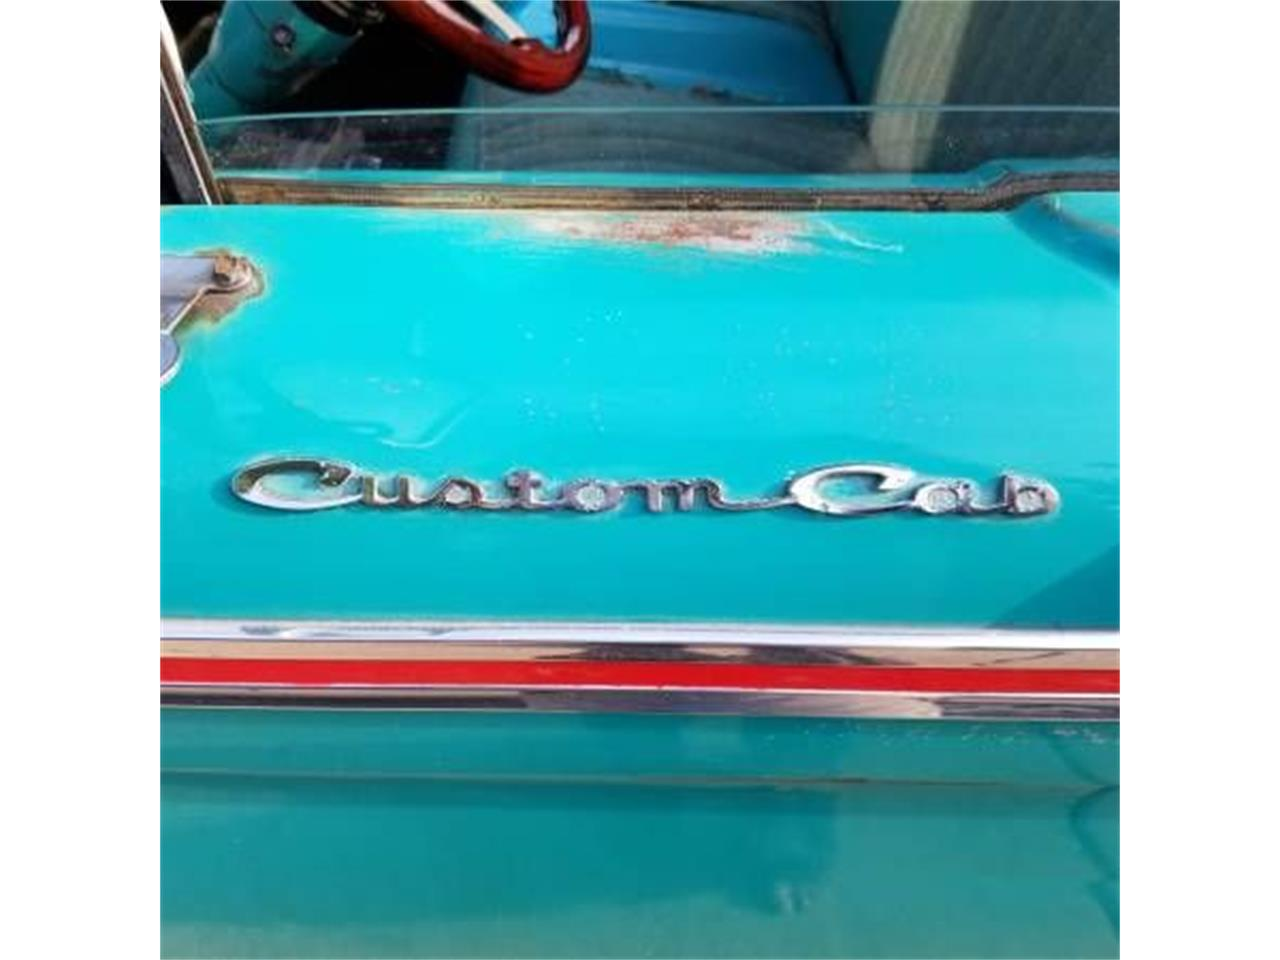 Large Picture of 1964 F100 located in Michigan - $9,995.00 - QSPO